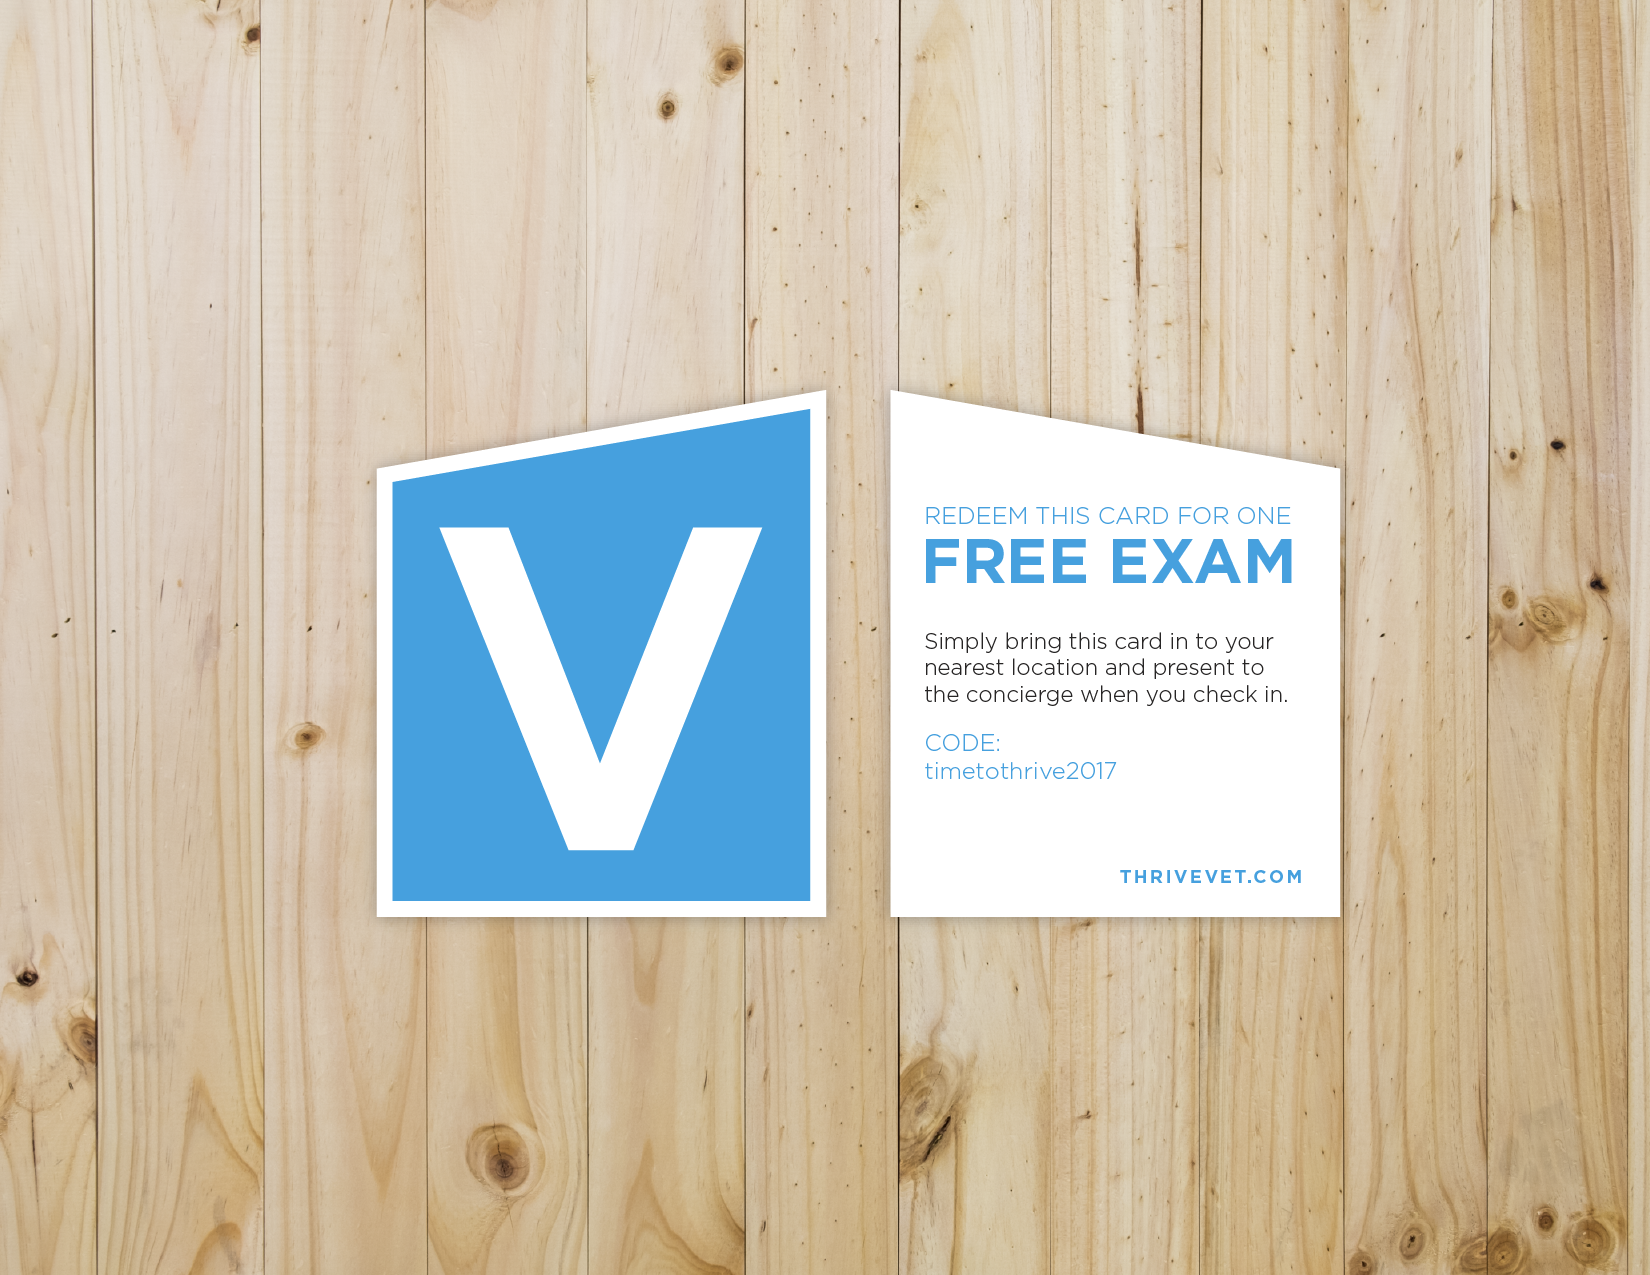 freeexamcard-01.png